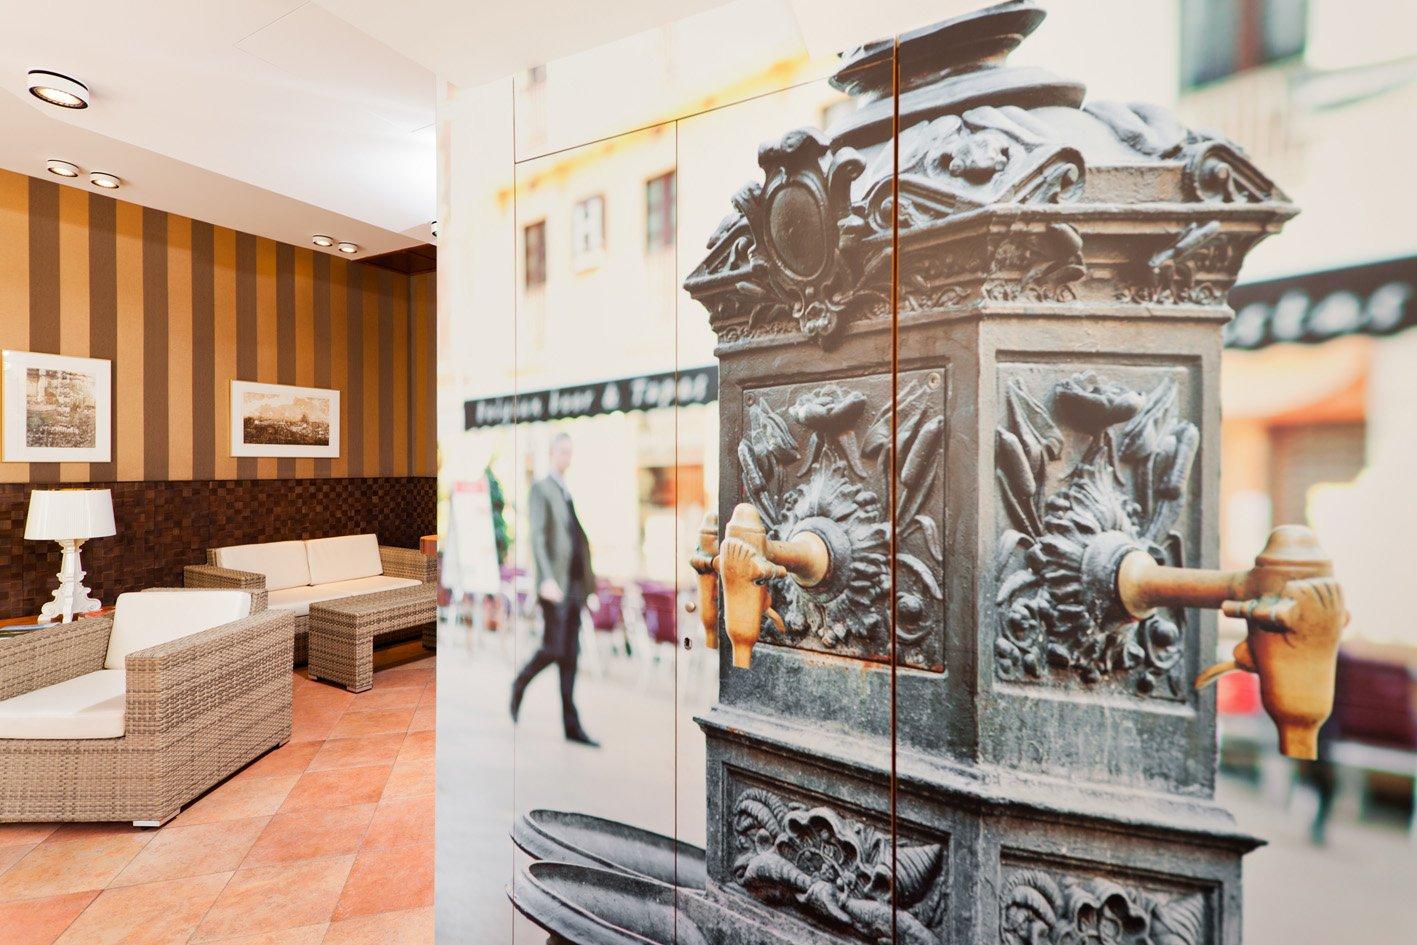 hotel_la_fontnombre_del_documento_19-d86b6ae1a620bf0d85a749e714a7244c